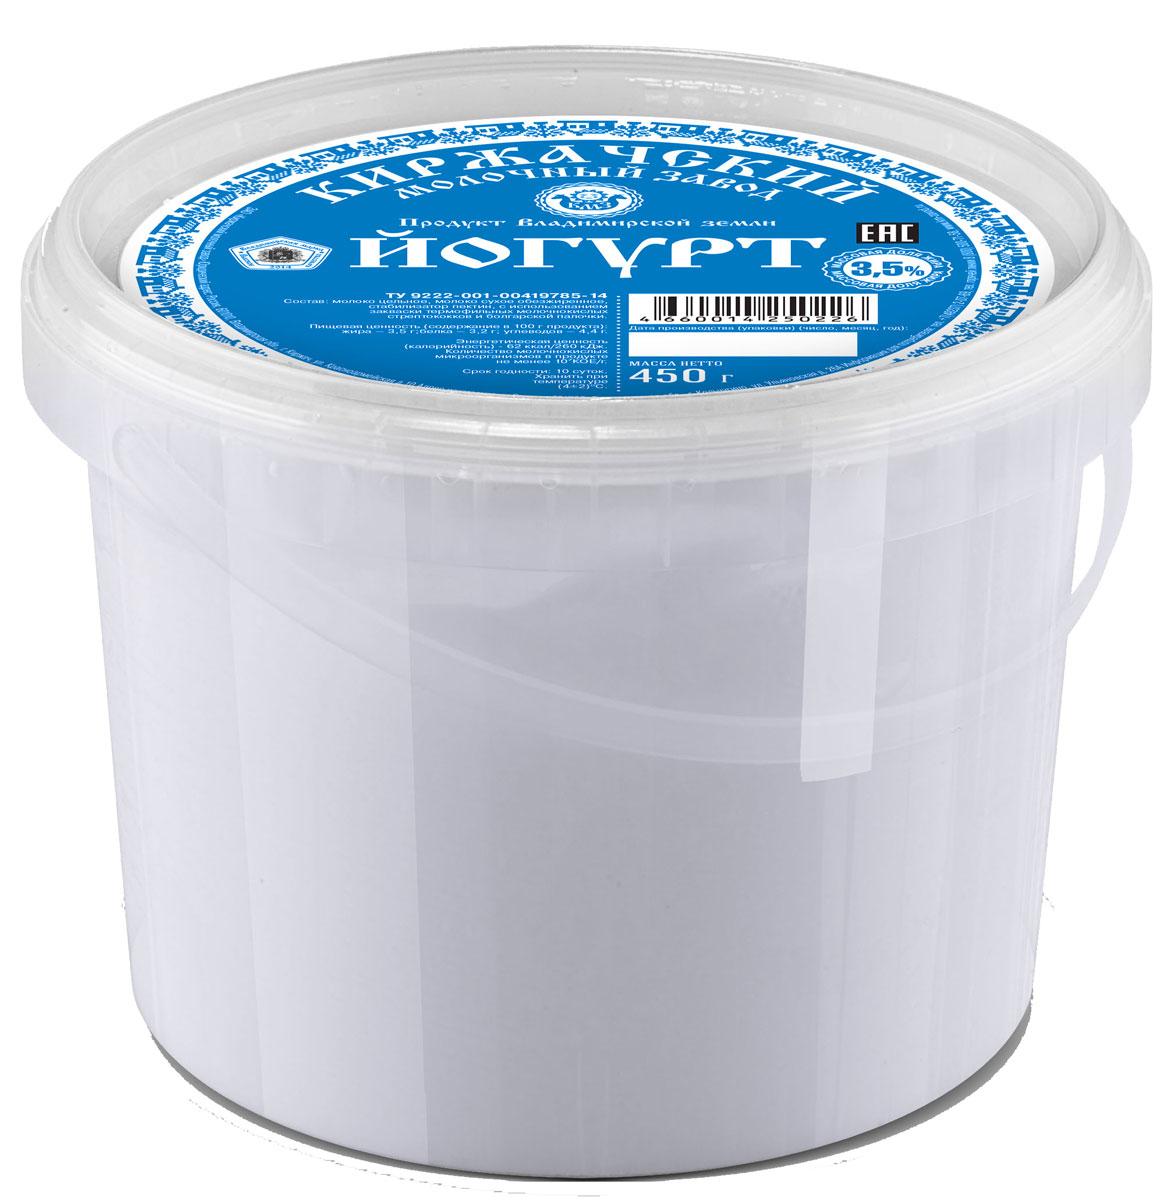 Киржачский МЗ Йогурт натуральный, 3,5% , 450 г молочный стиль йогурт натуральный 2 5% 125 г